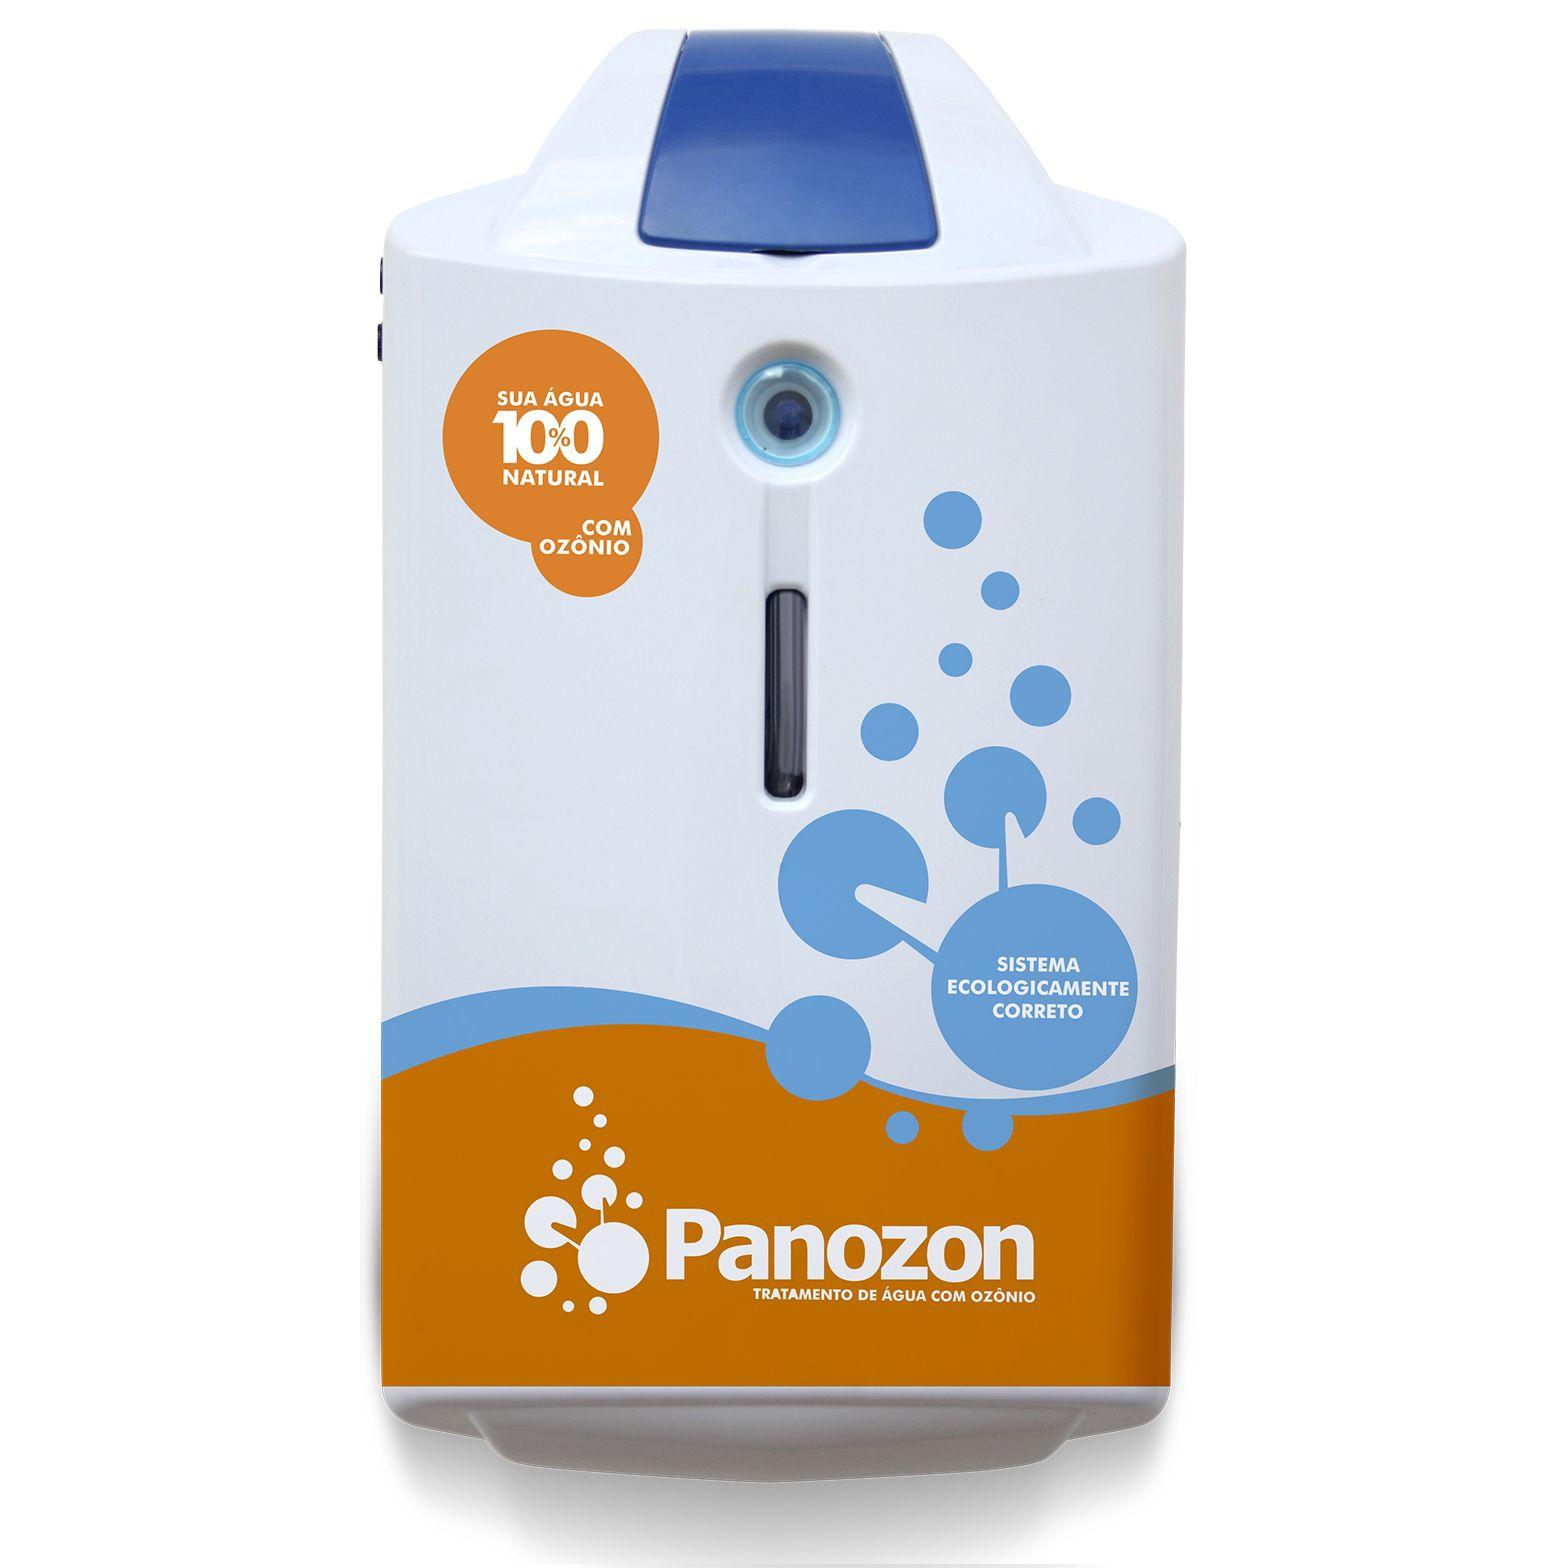 Ozônio Residencial P+55 para Piscina até 55 m³